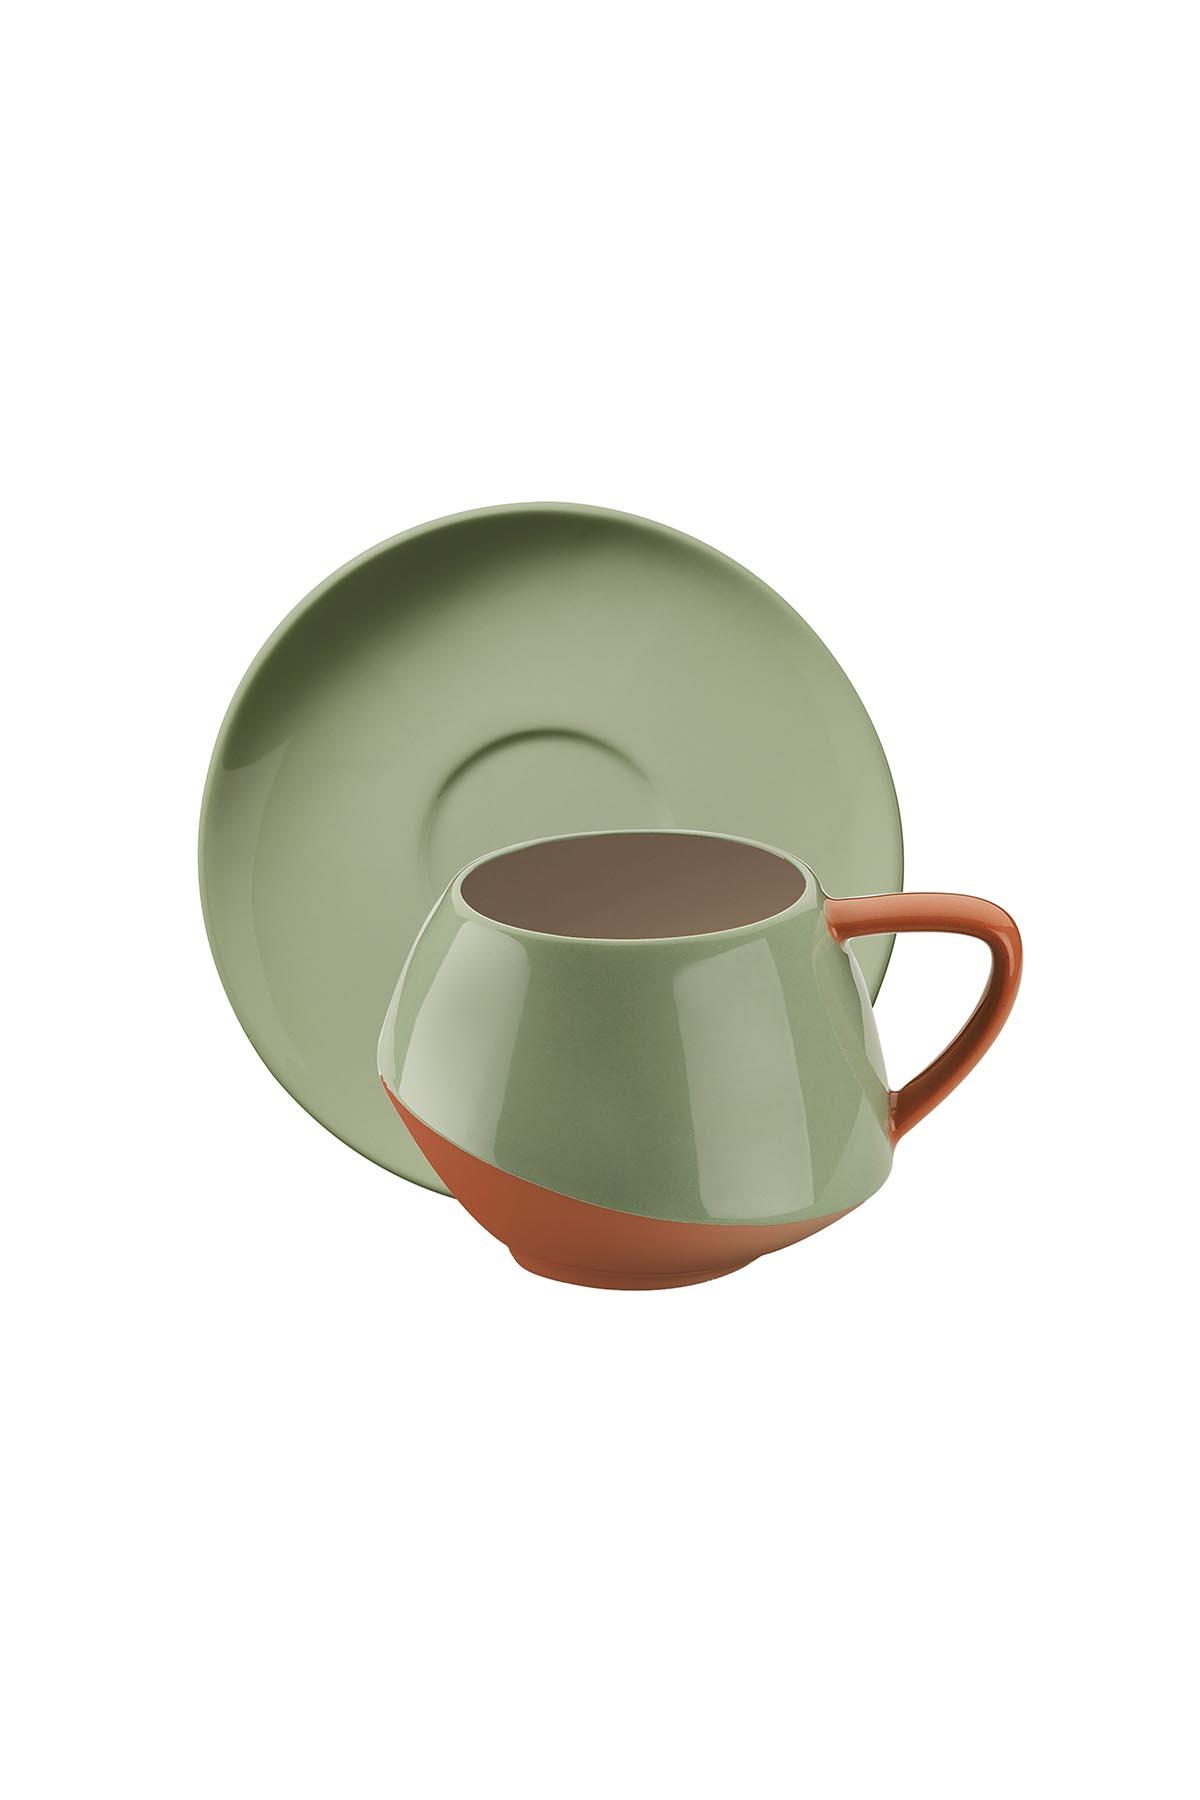 Kütahya Porselen - Aura Çay Takımı Krem-Yeşil-Bej-Kırmızı